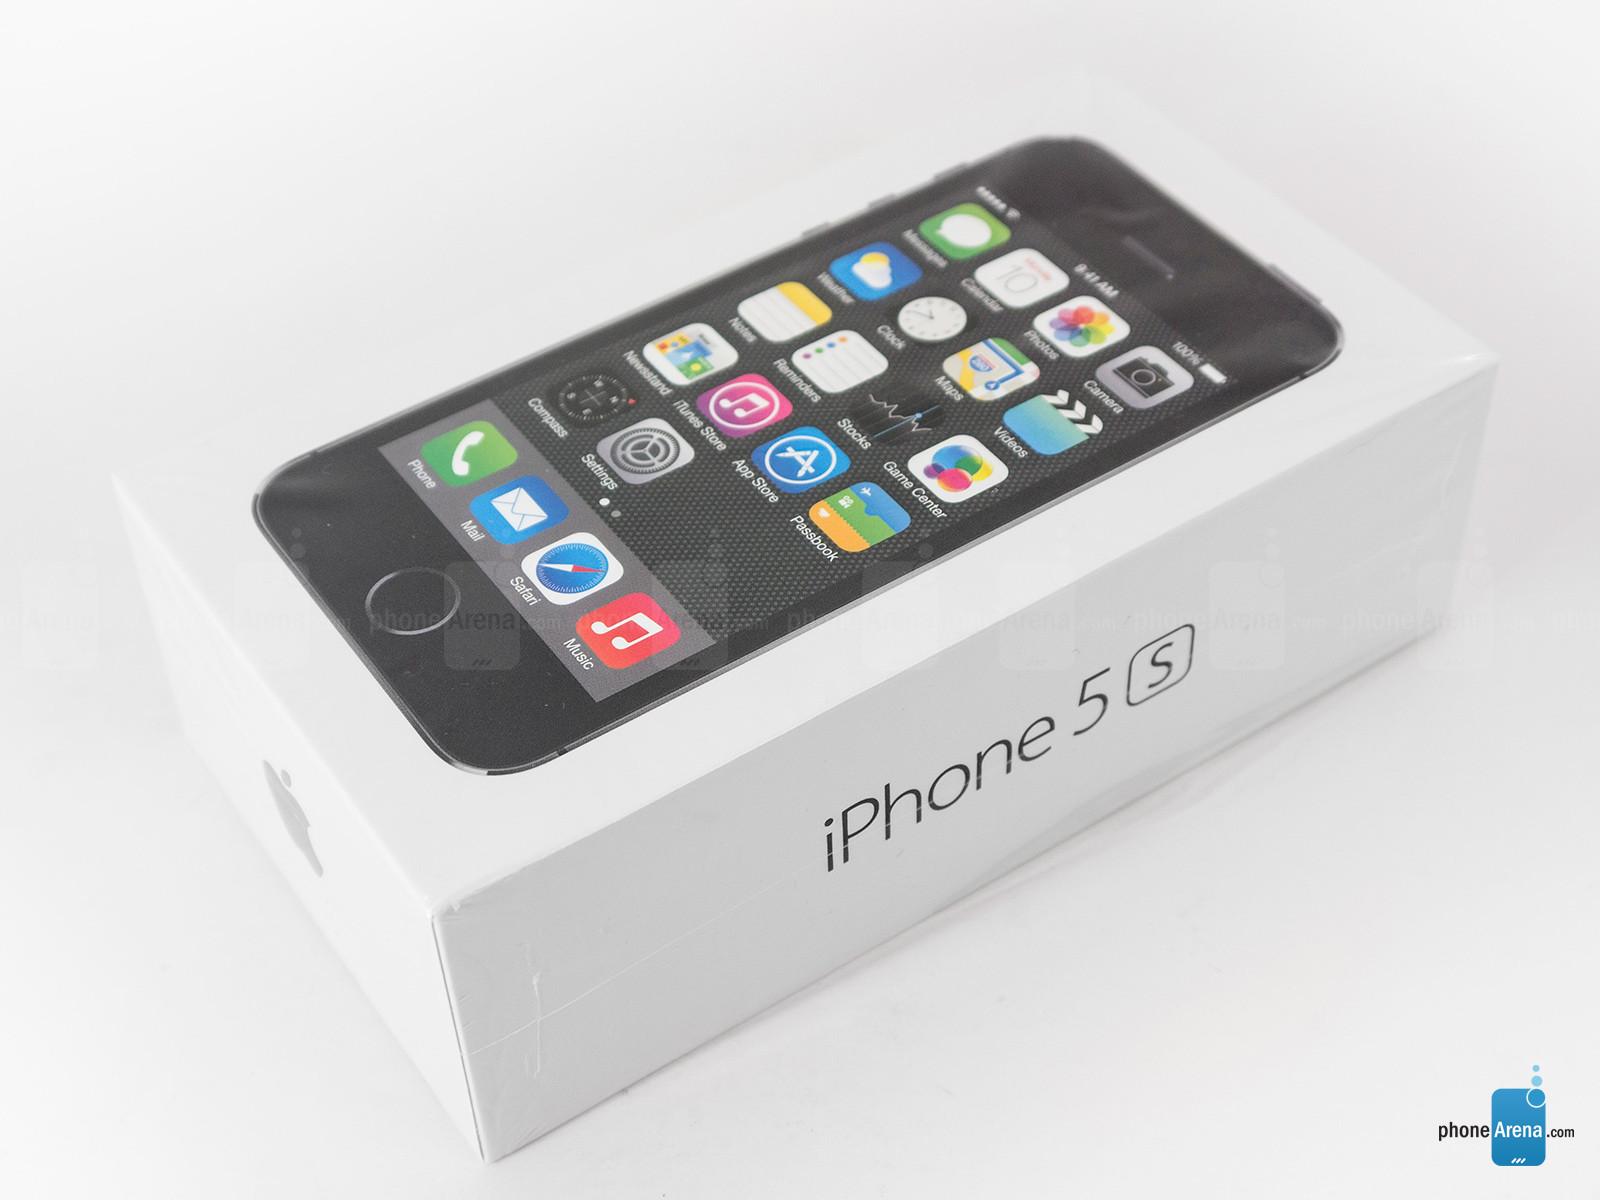 Apple iPhone 5s 9